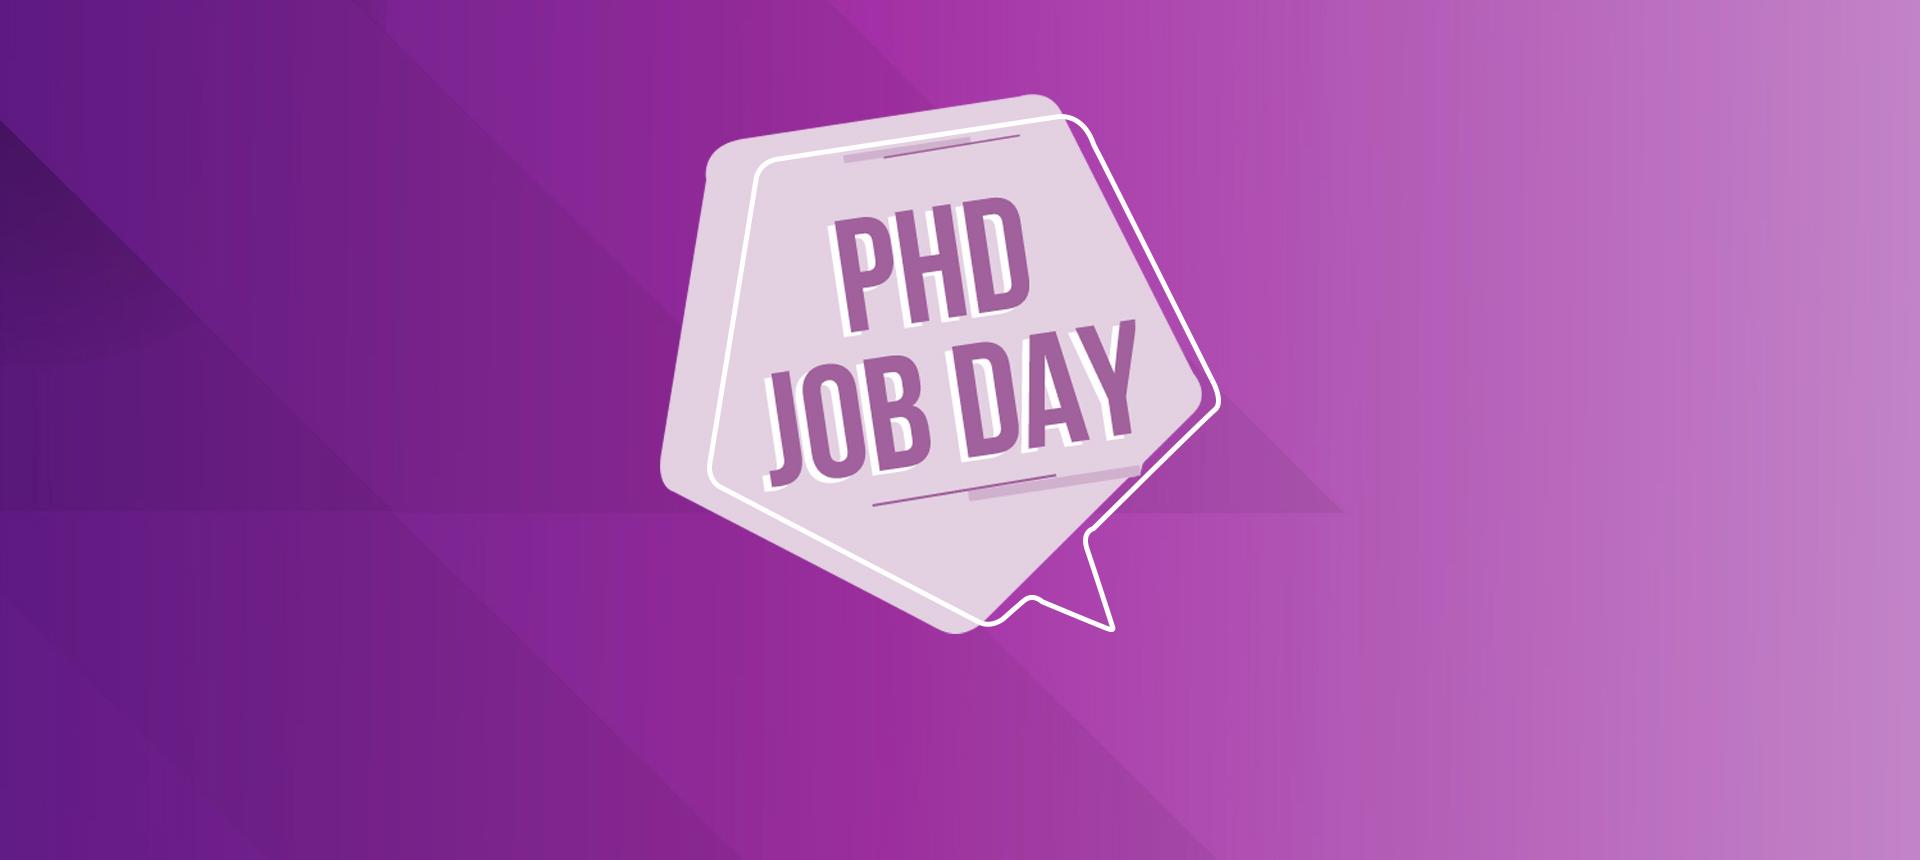 slider phd job day by transuniv